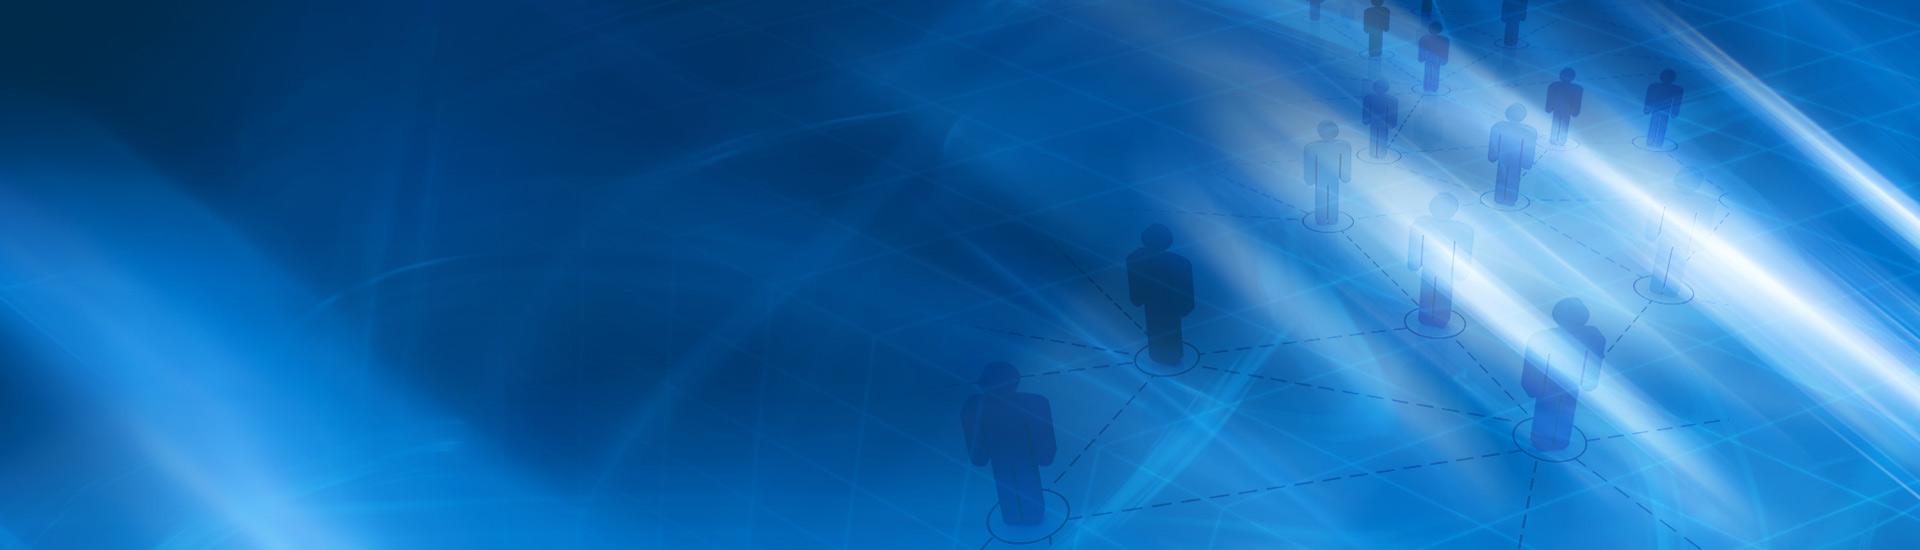 Fondo azul-GrupoInteractivo